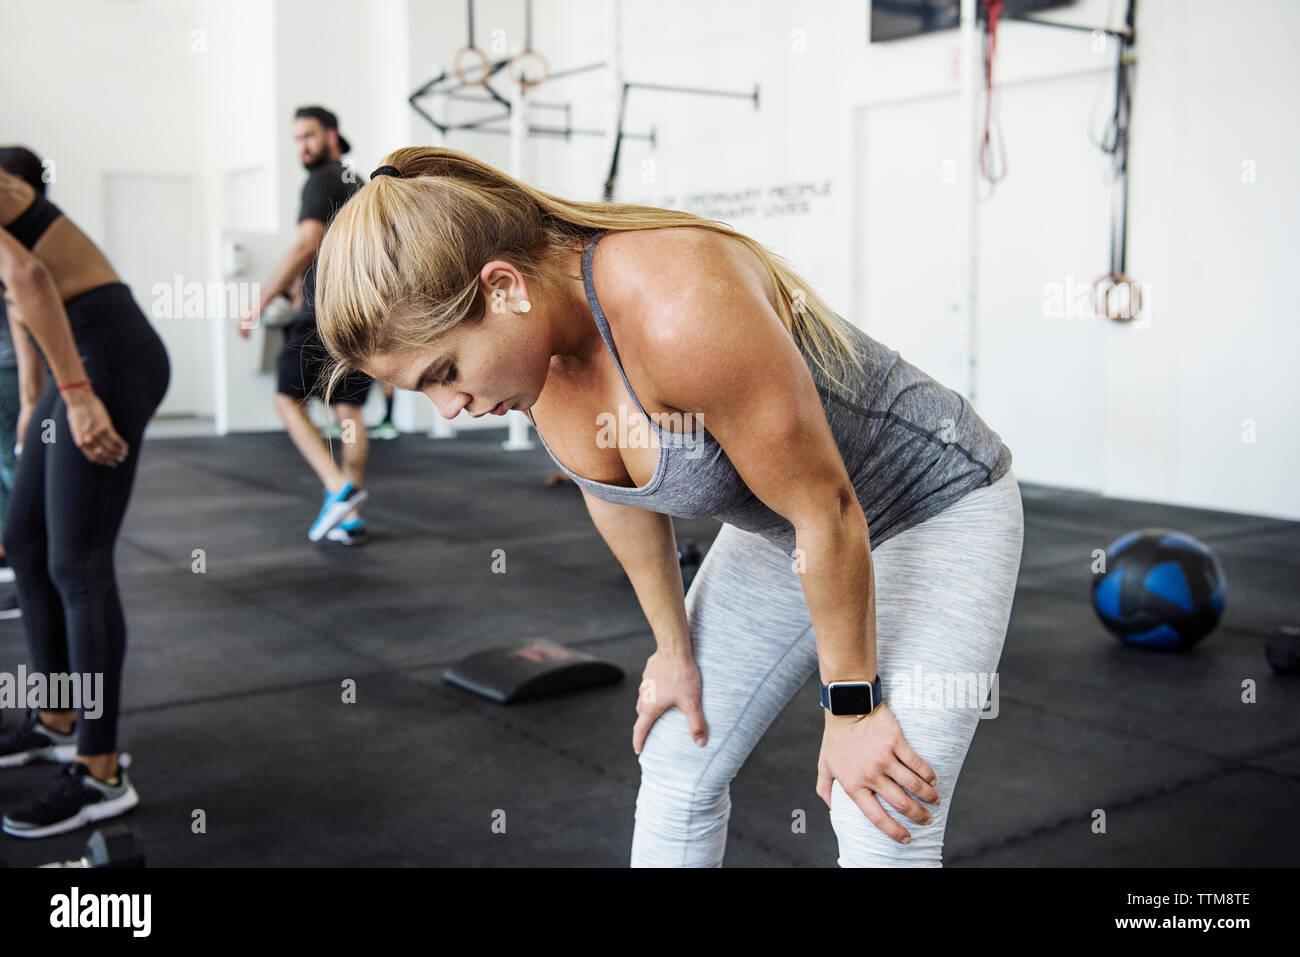 Athlète féminine fatigués se détendre après cross insérer la formation en salle de sport crossfit Photo Stock